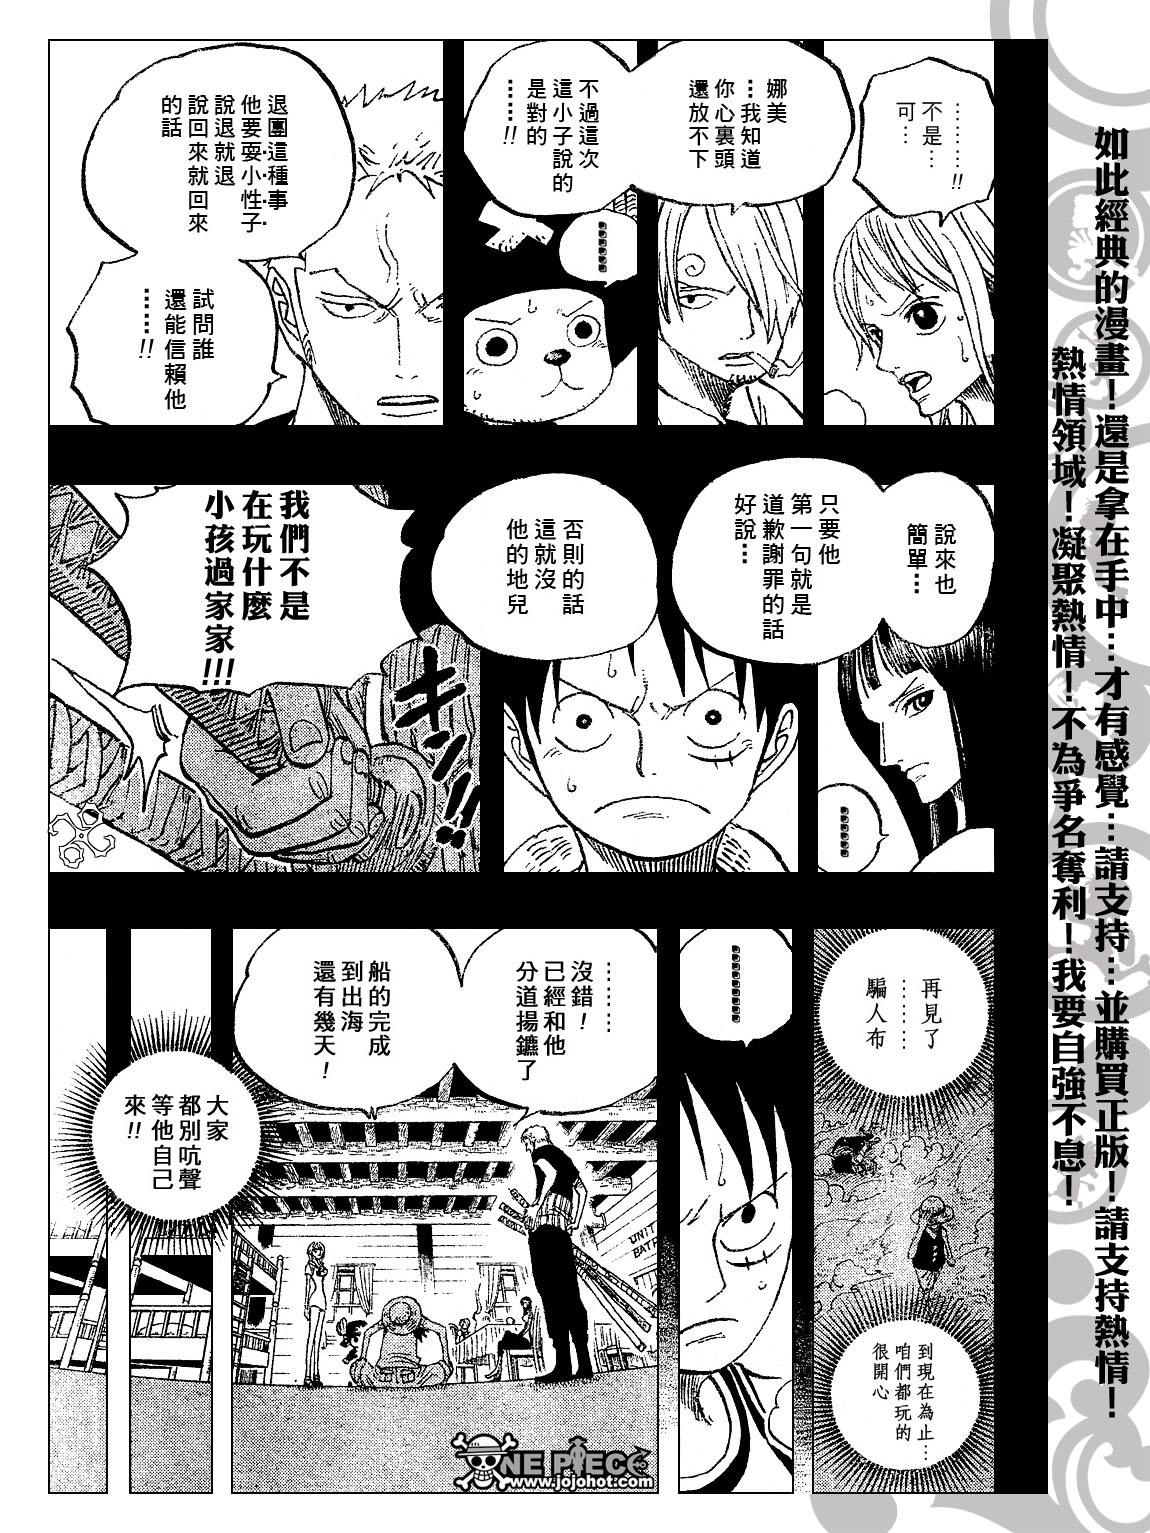 第438话 - 第6页 - 海贼王 - 死神中文网 - powered